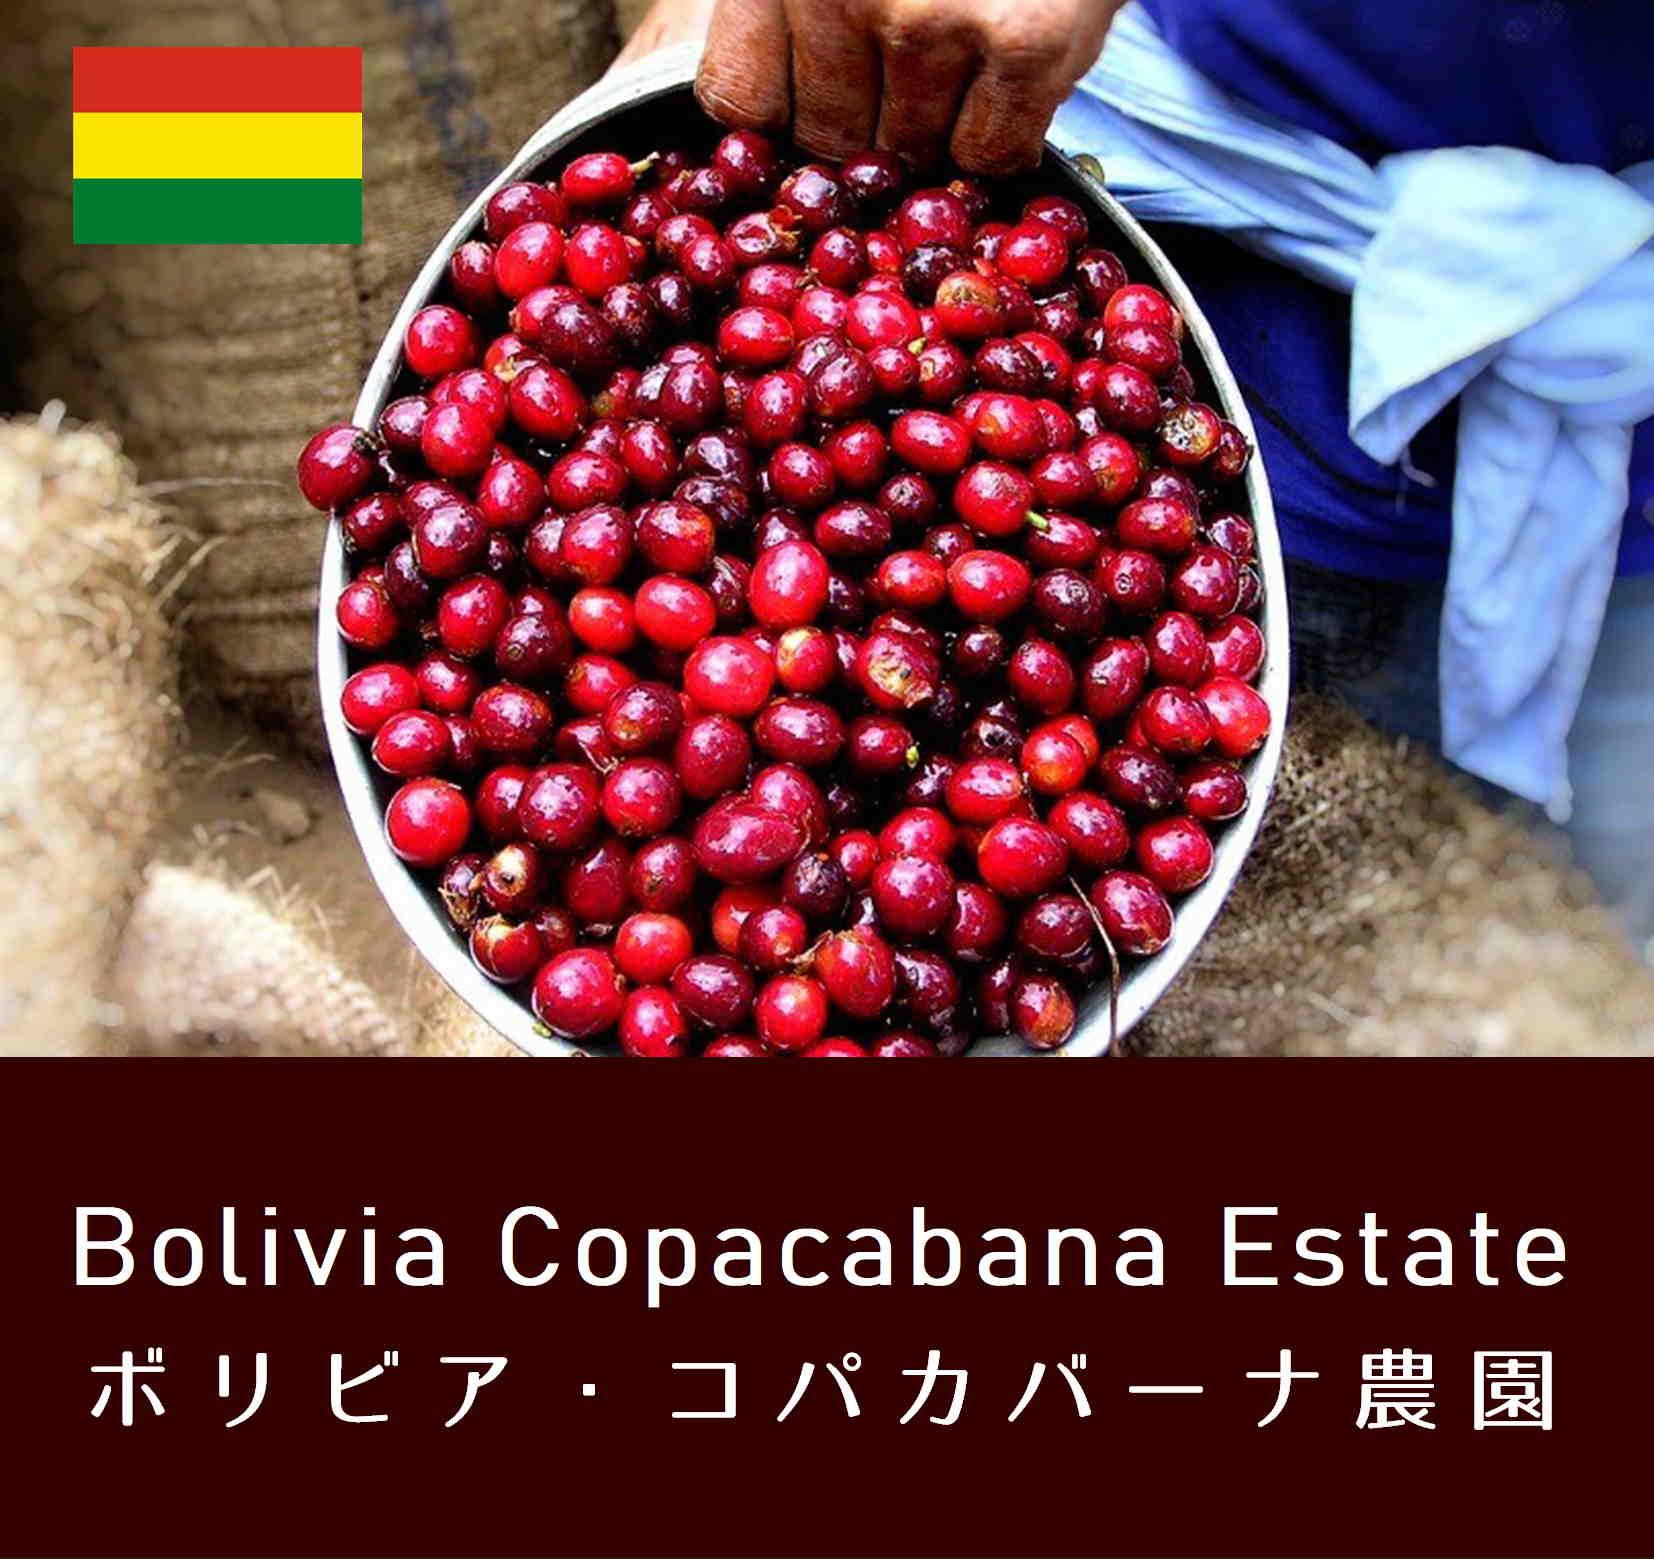 ボリビア・コパカバーナ農園